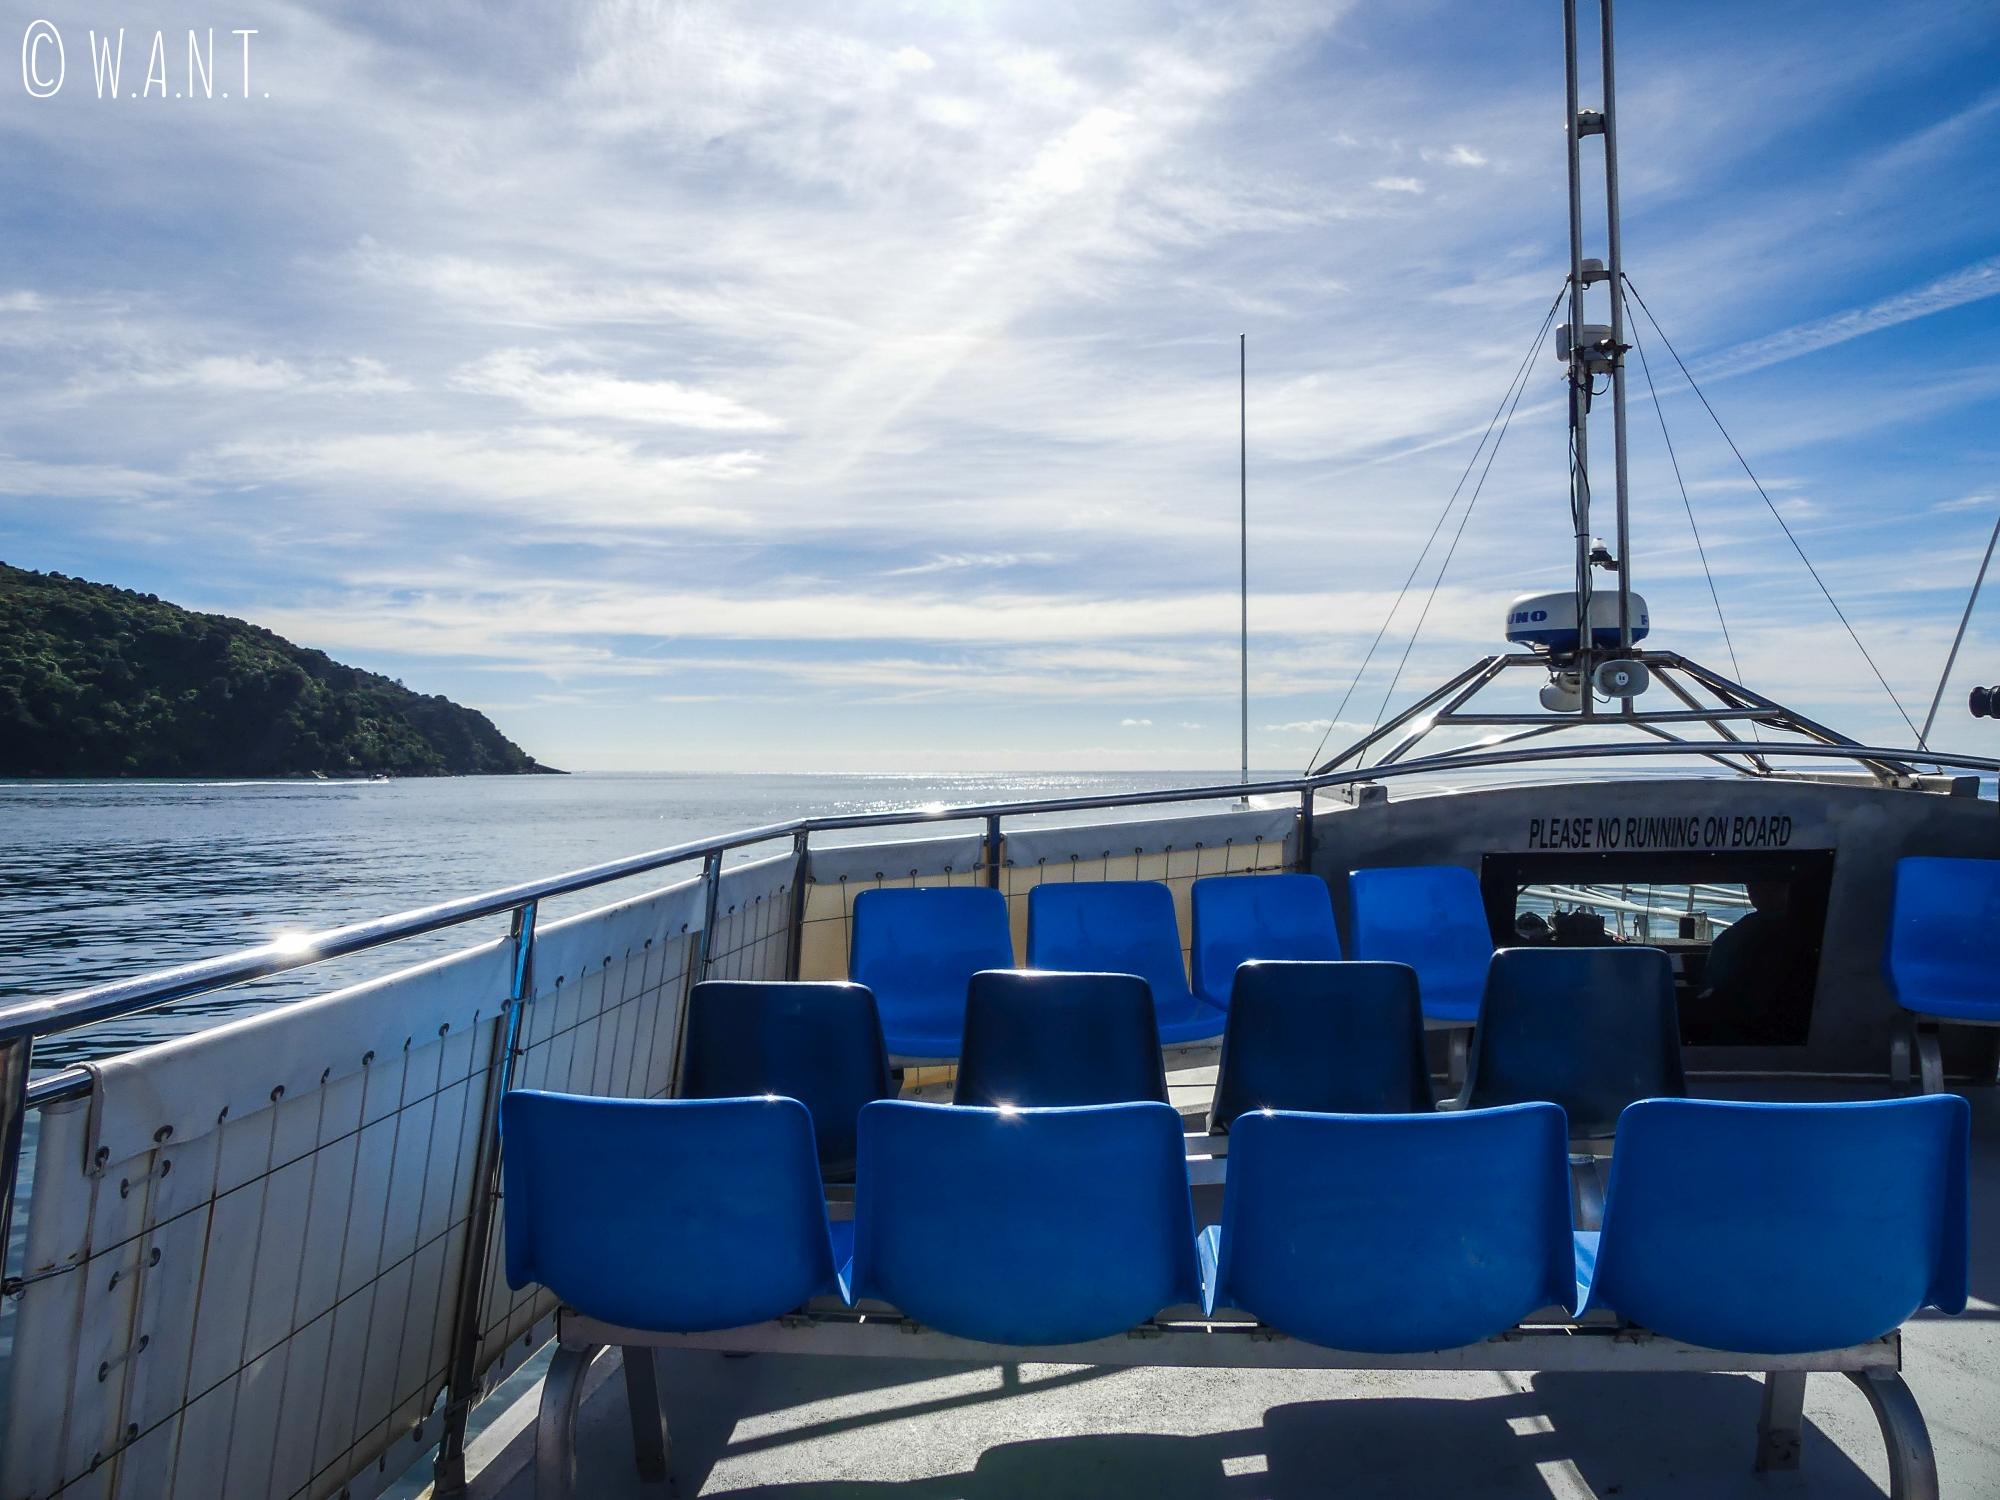 Sur le pont du bateau, nous découvrons les paysages du parc national Abel Tasman en Nouvelle-Zélande